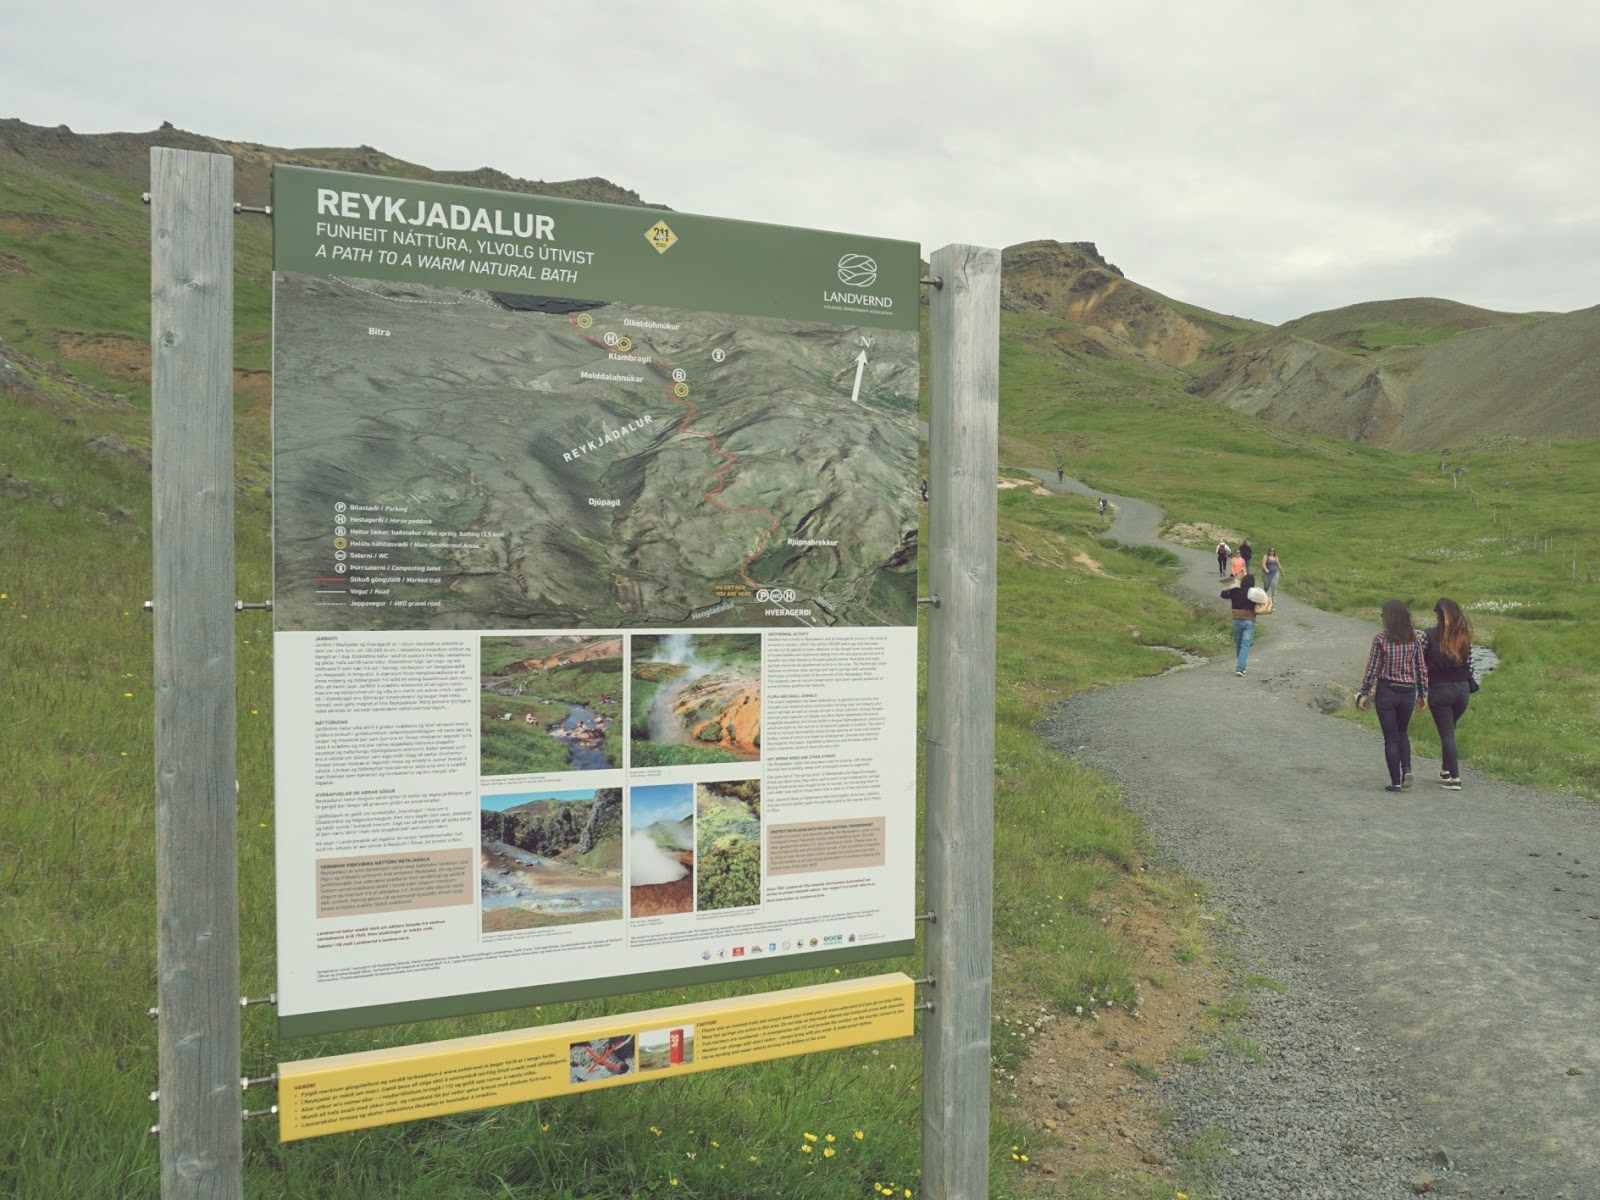 hiking, hiking path, Islandia, Gorąca rzeka w Reykjadalur, Islandia, Południowa Islandia, panidorcia, blog, blog o Islandii, wakacje w Islandii, Islandia zwiedzanie, gorące źródła, pola geotermalne